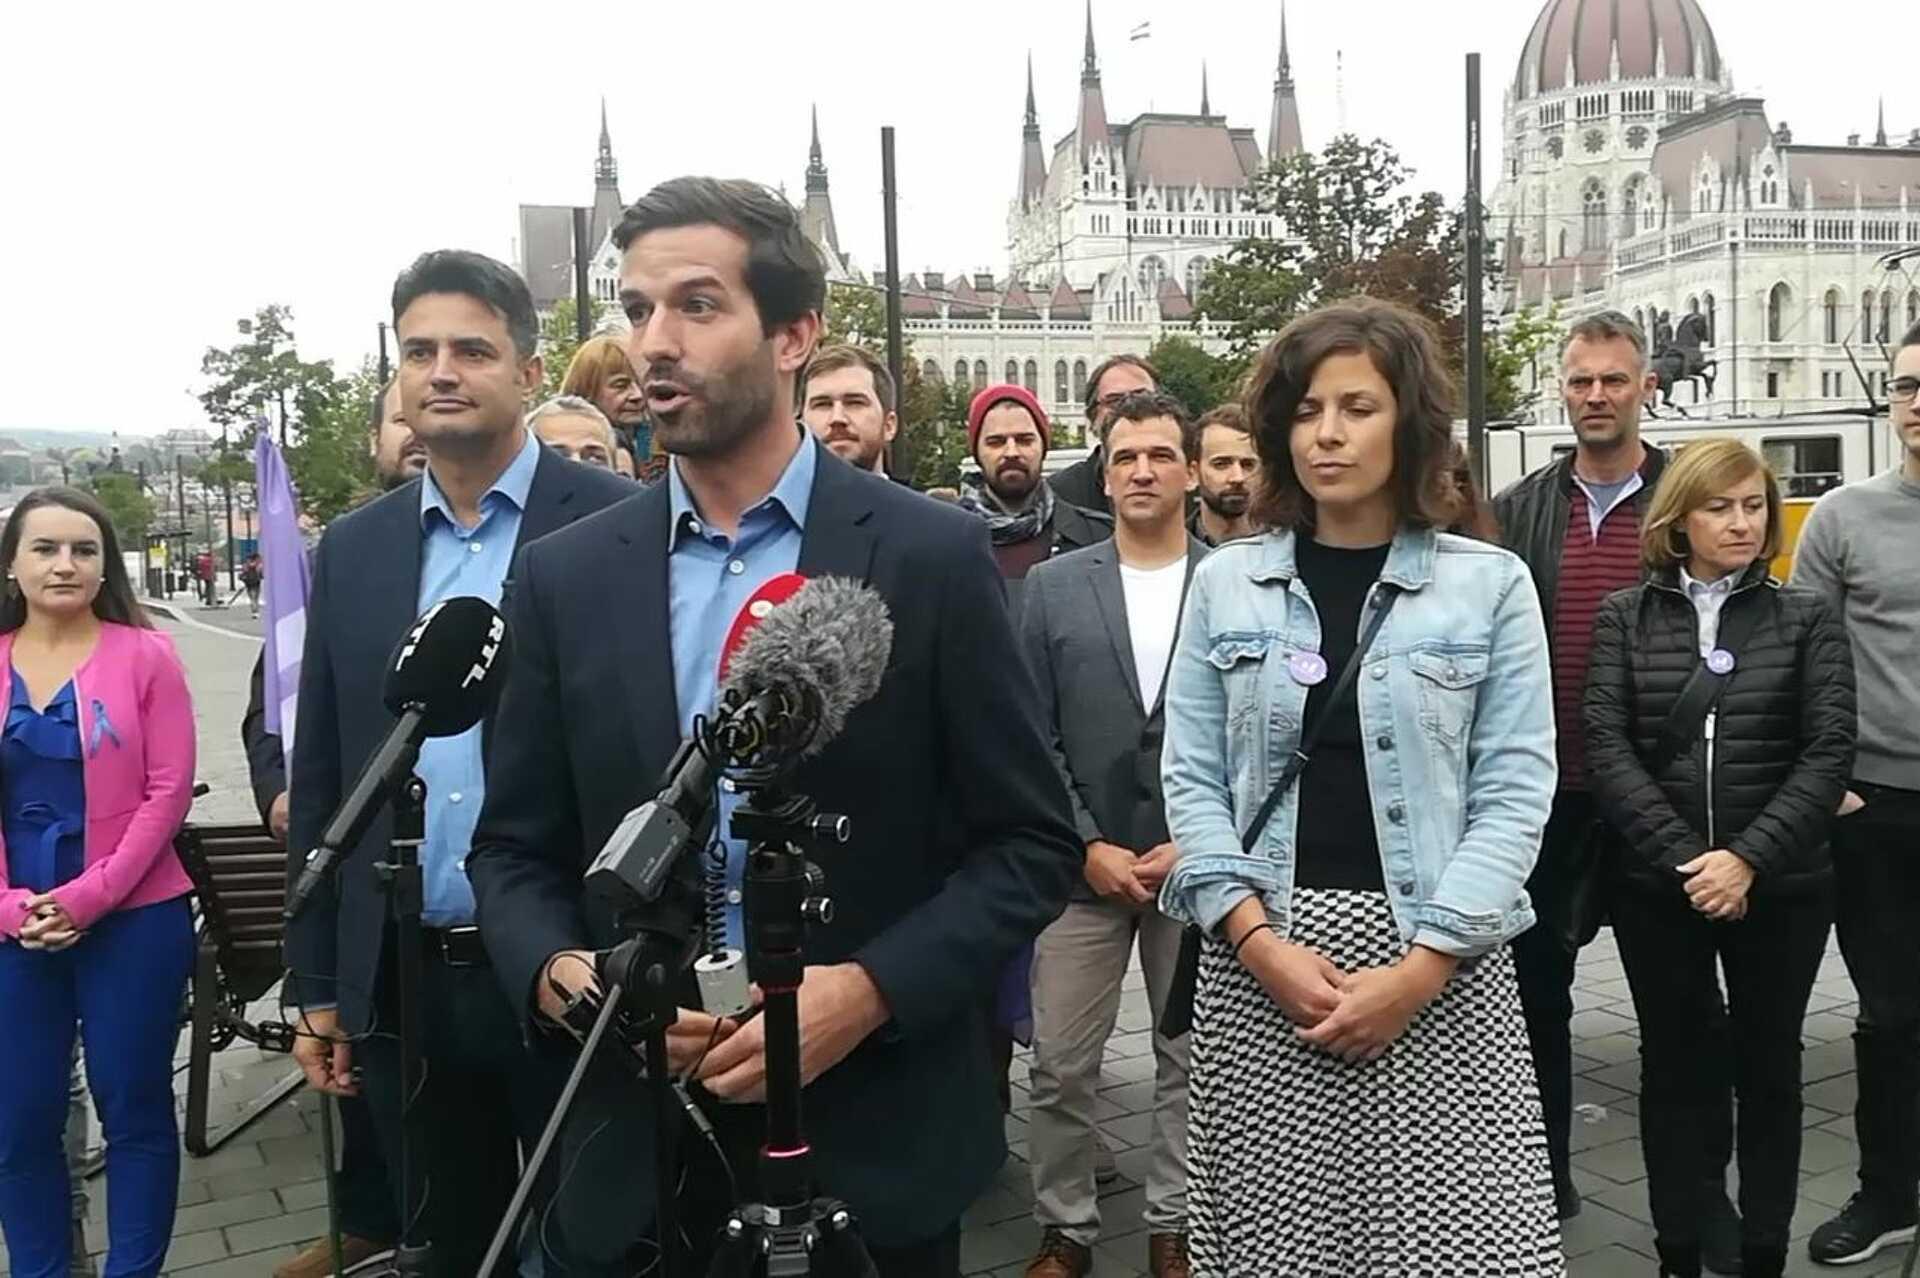 Fekete-Győr András bejelenti, hogy a Momentum Márki-Zay Pétert támogatja